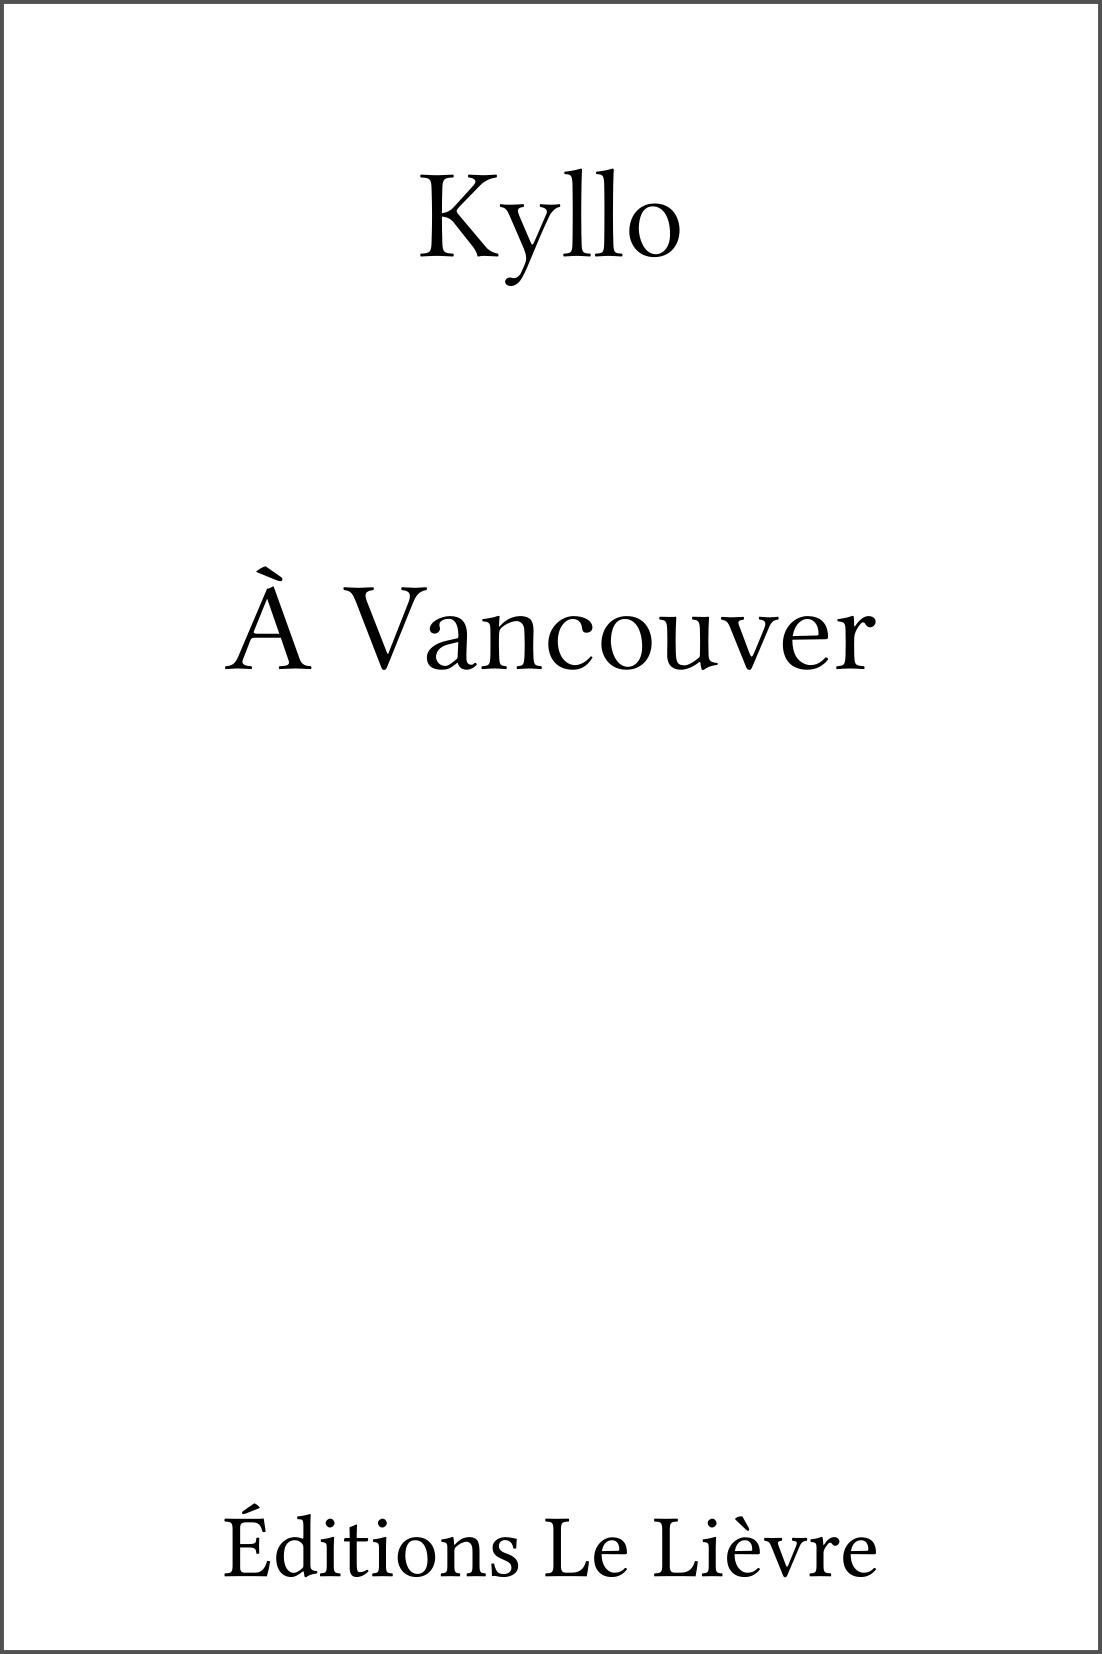 Couverture de À Vancouver par Kyllo